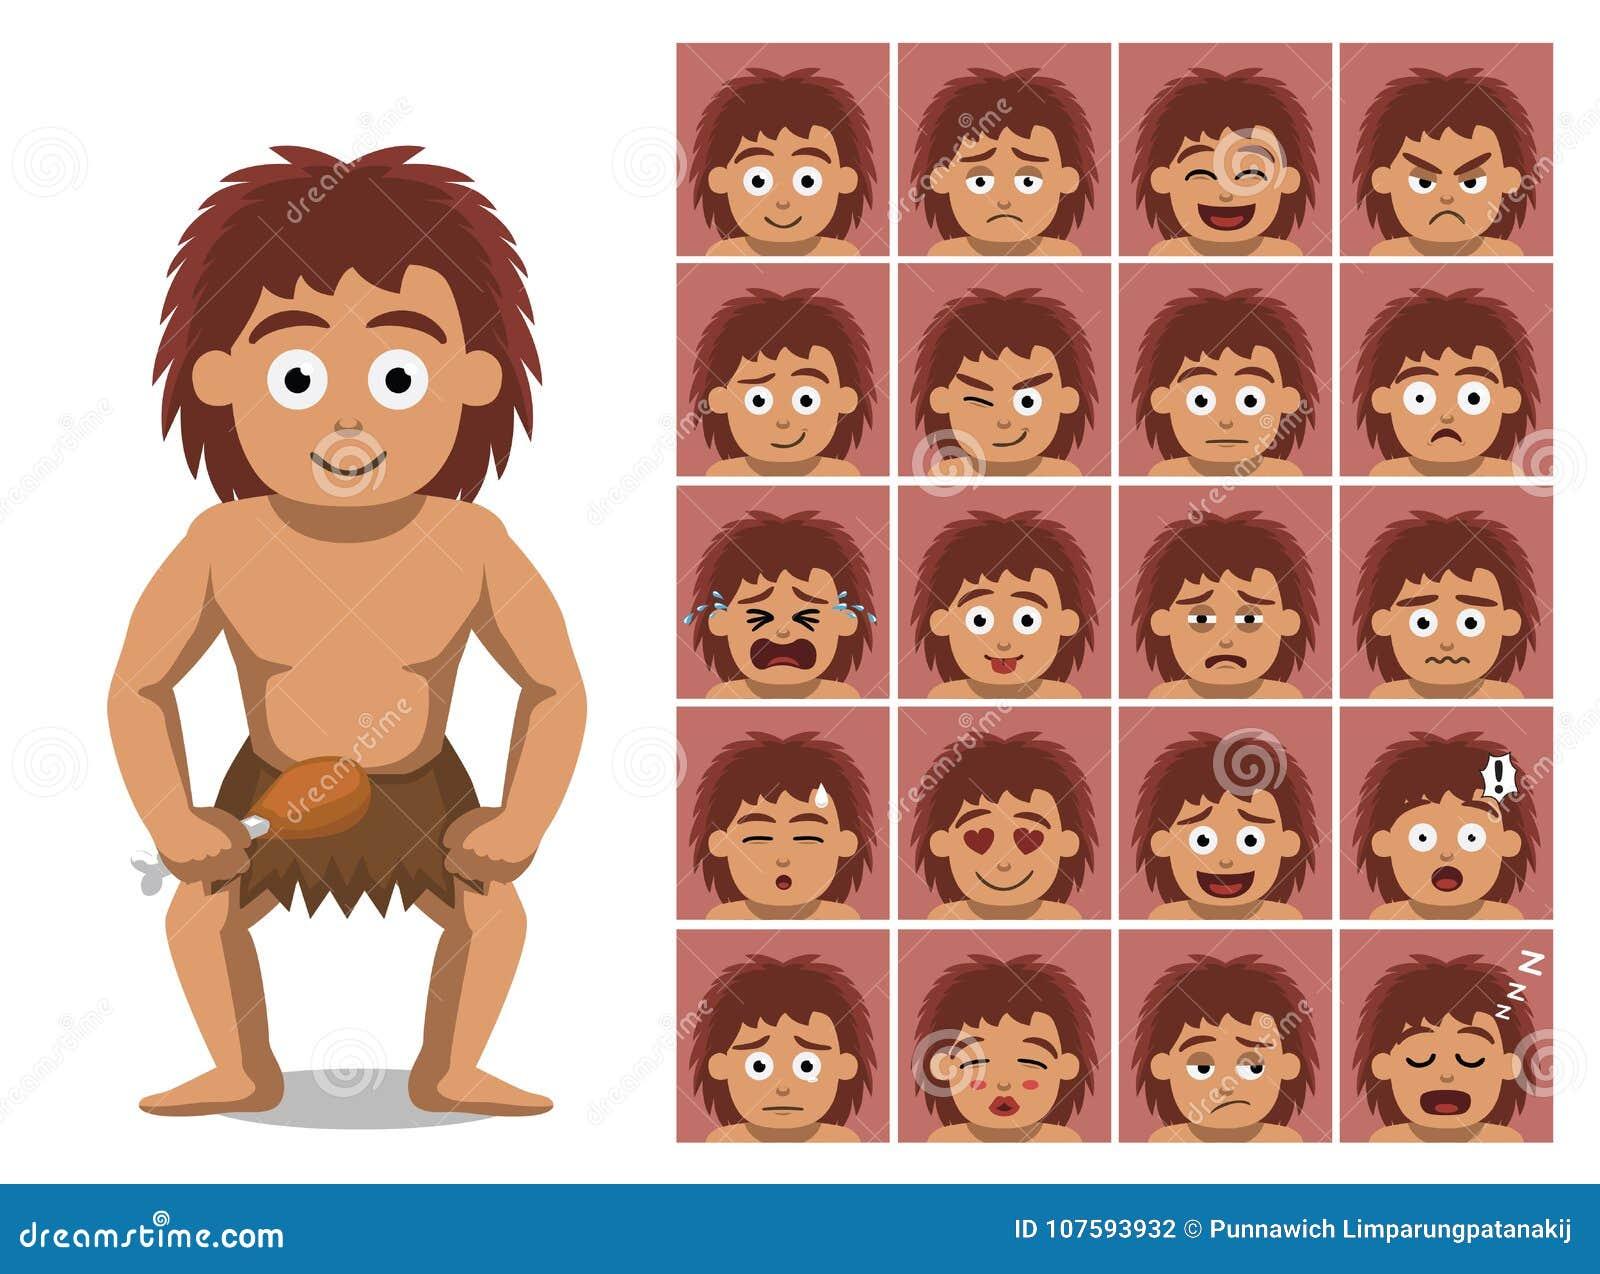 Emozioni del personaggio dei cartoni animati ragazzo